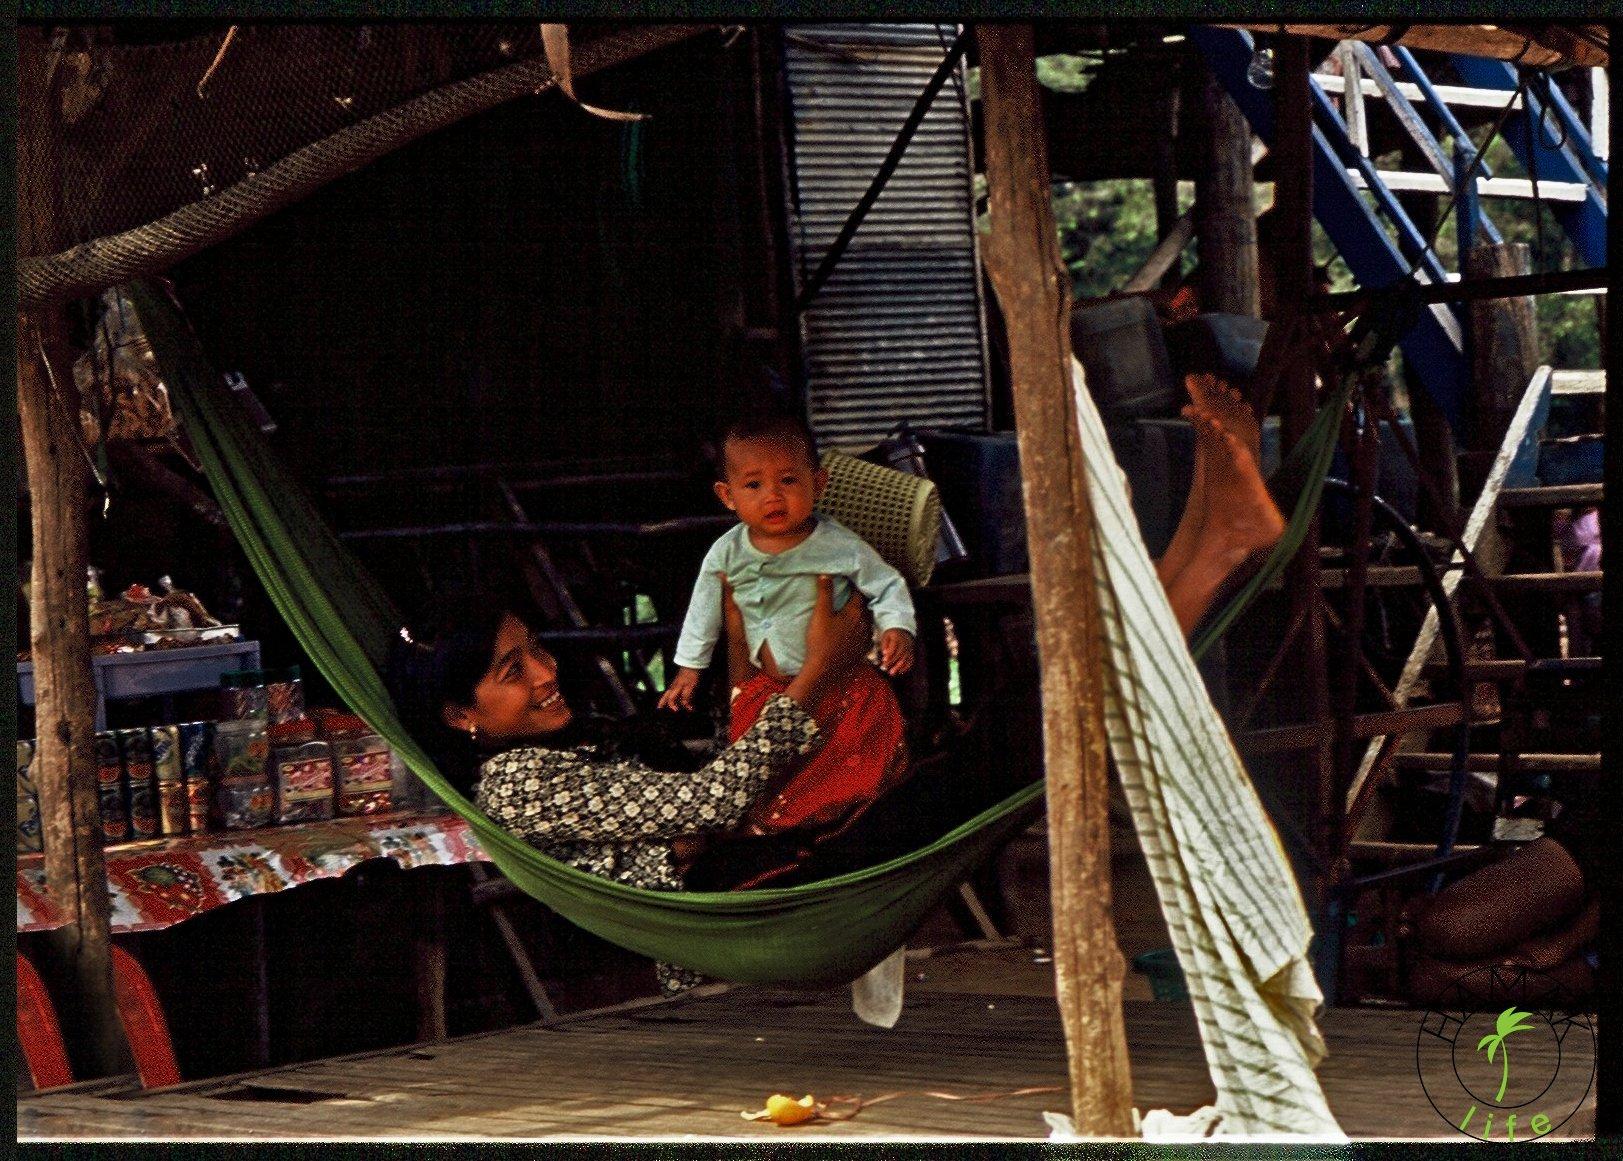 Mama z dzieckiem w hamaku w Kambodży